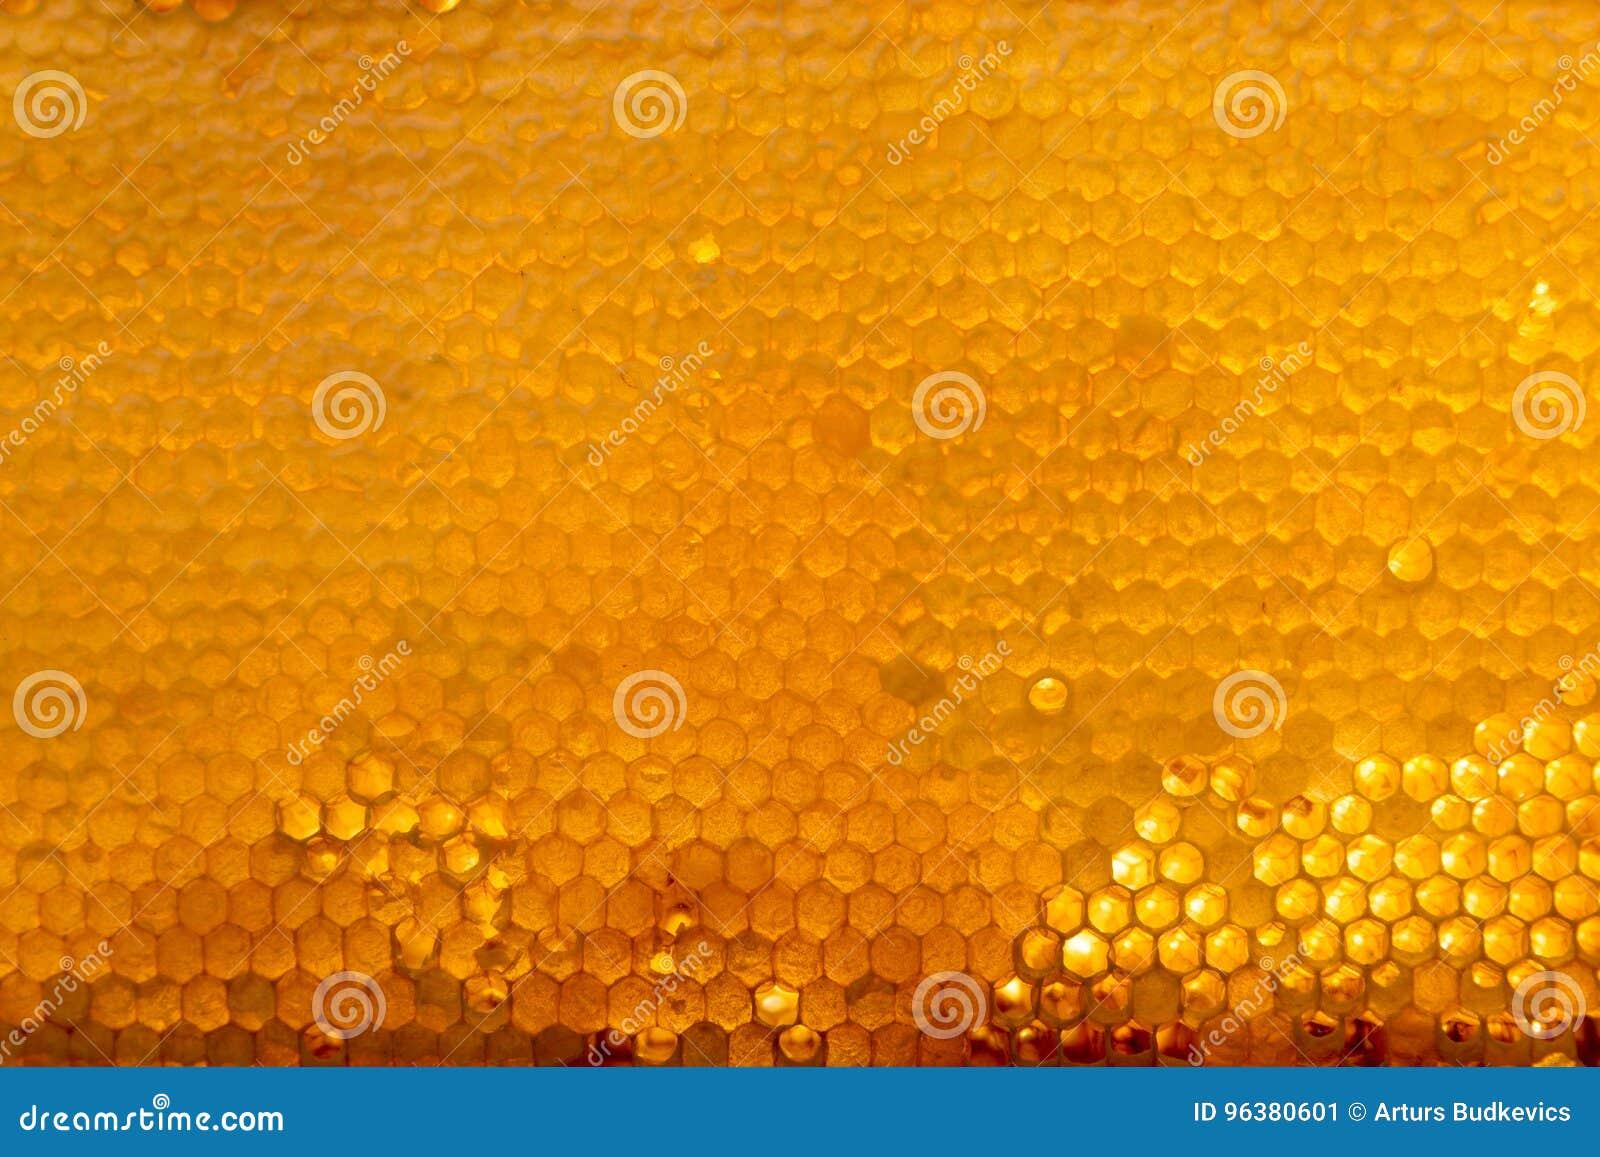 Tło tekstura i wzór sekcja wosku honeycomb od pszczoła roju wypełnialiśmy z złotym miodem